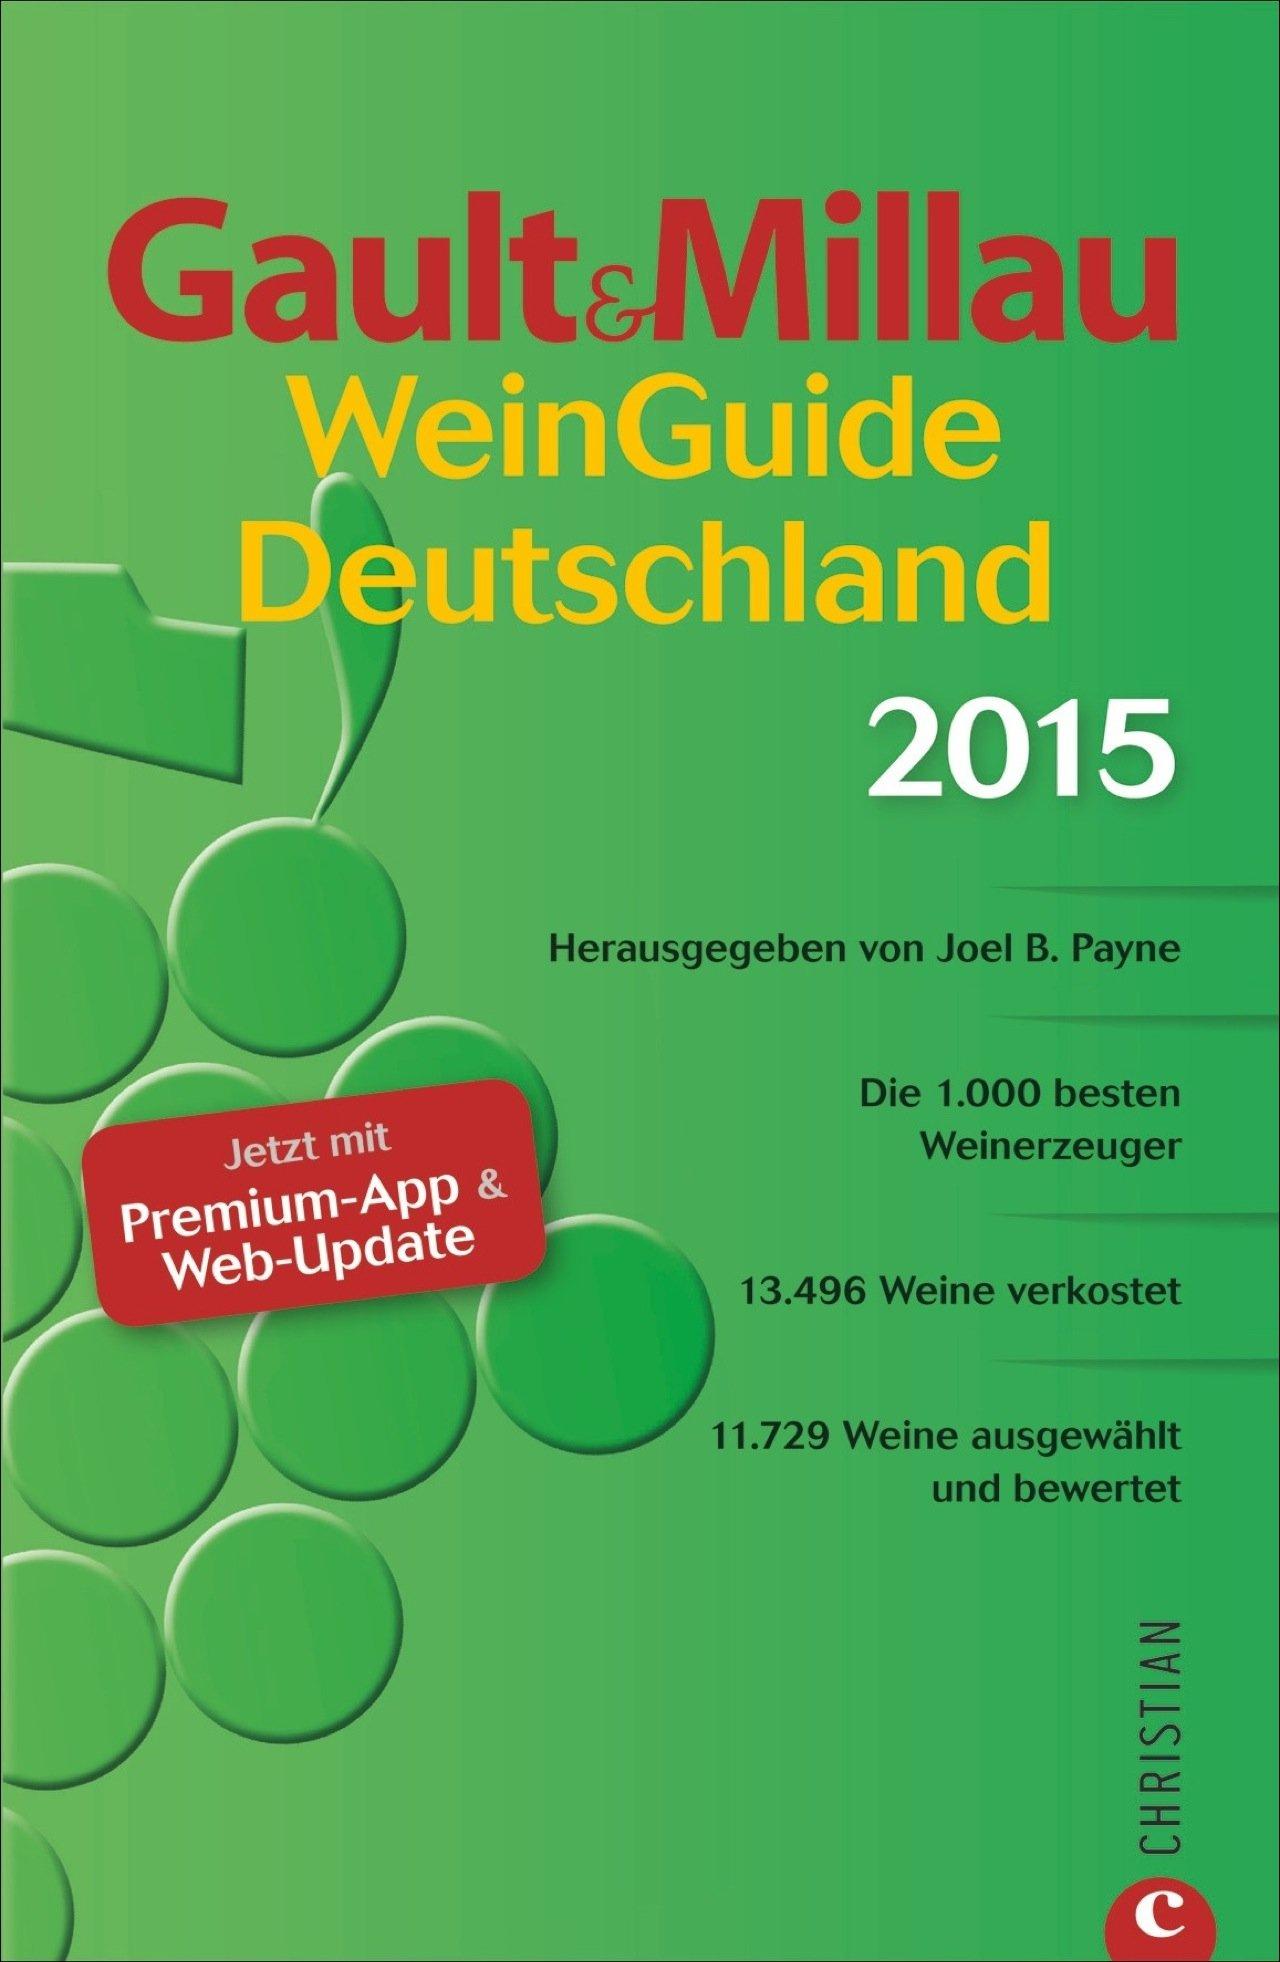 Buch: Gault&Millau WeinGuide Deutschland 2015